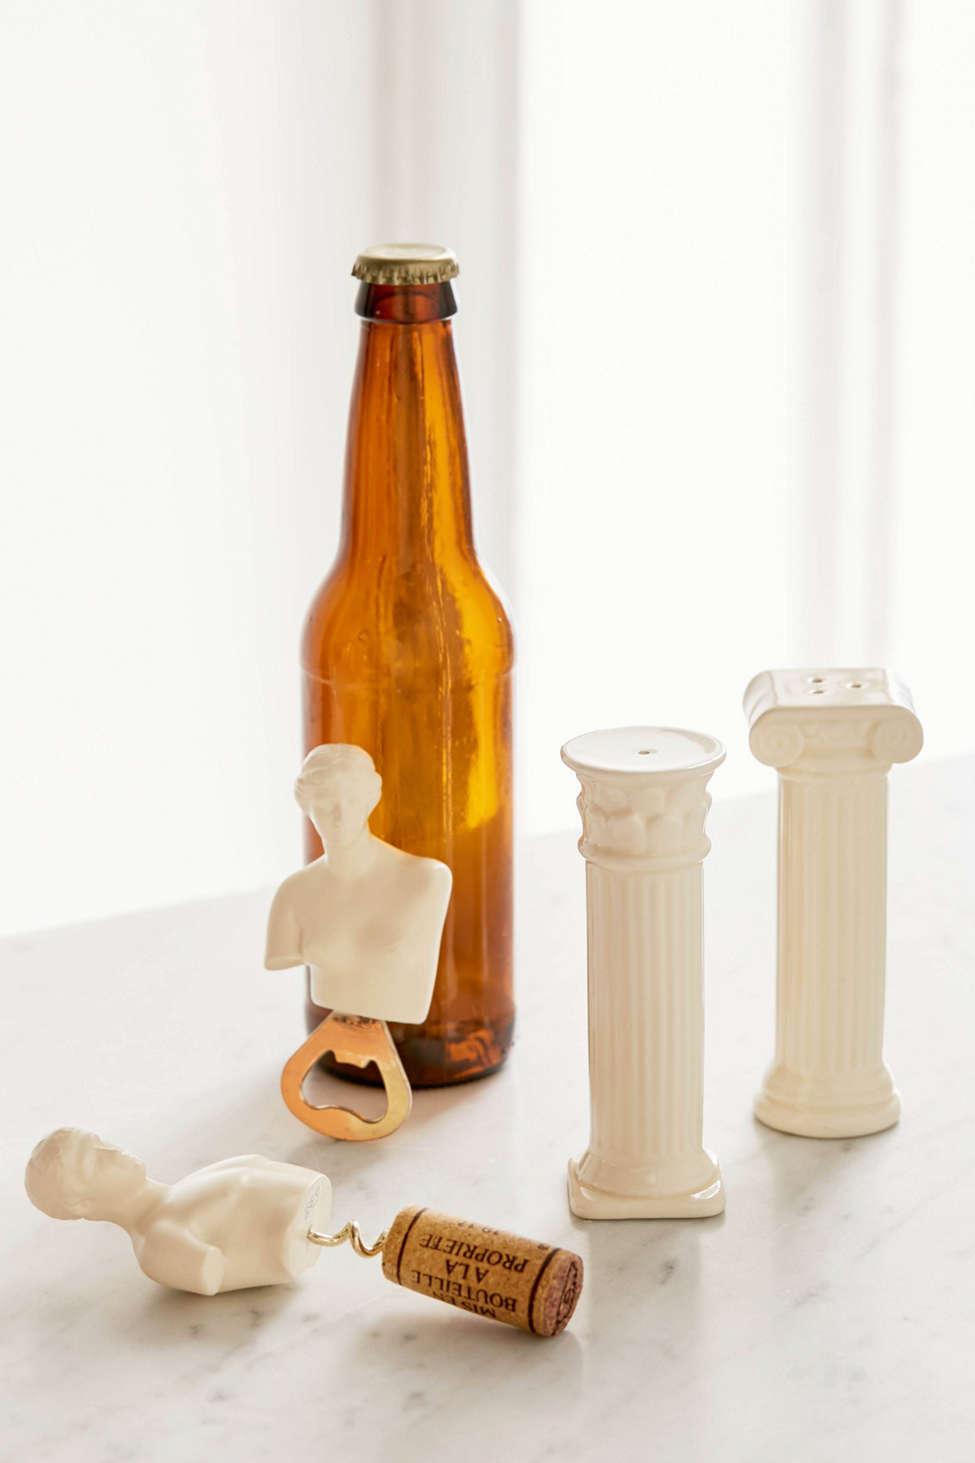 Slide View: 4: DOIY Design Hestia Bottle Opener